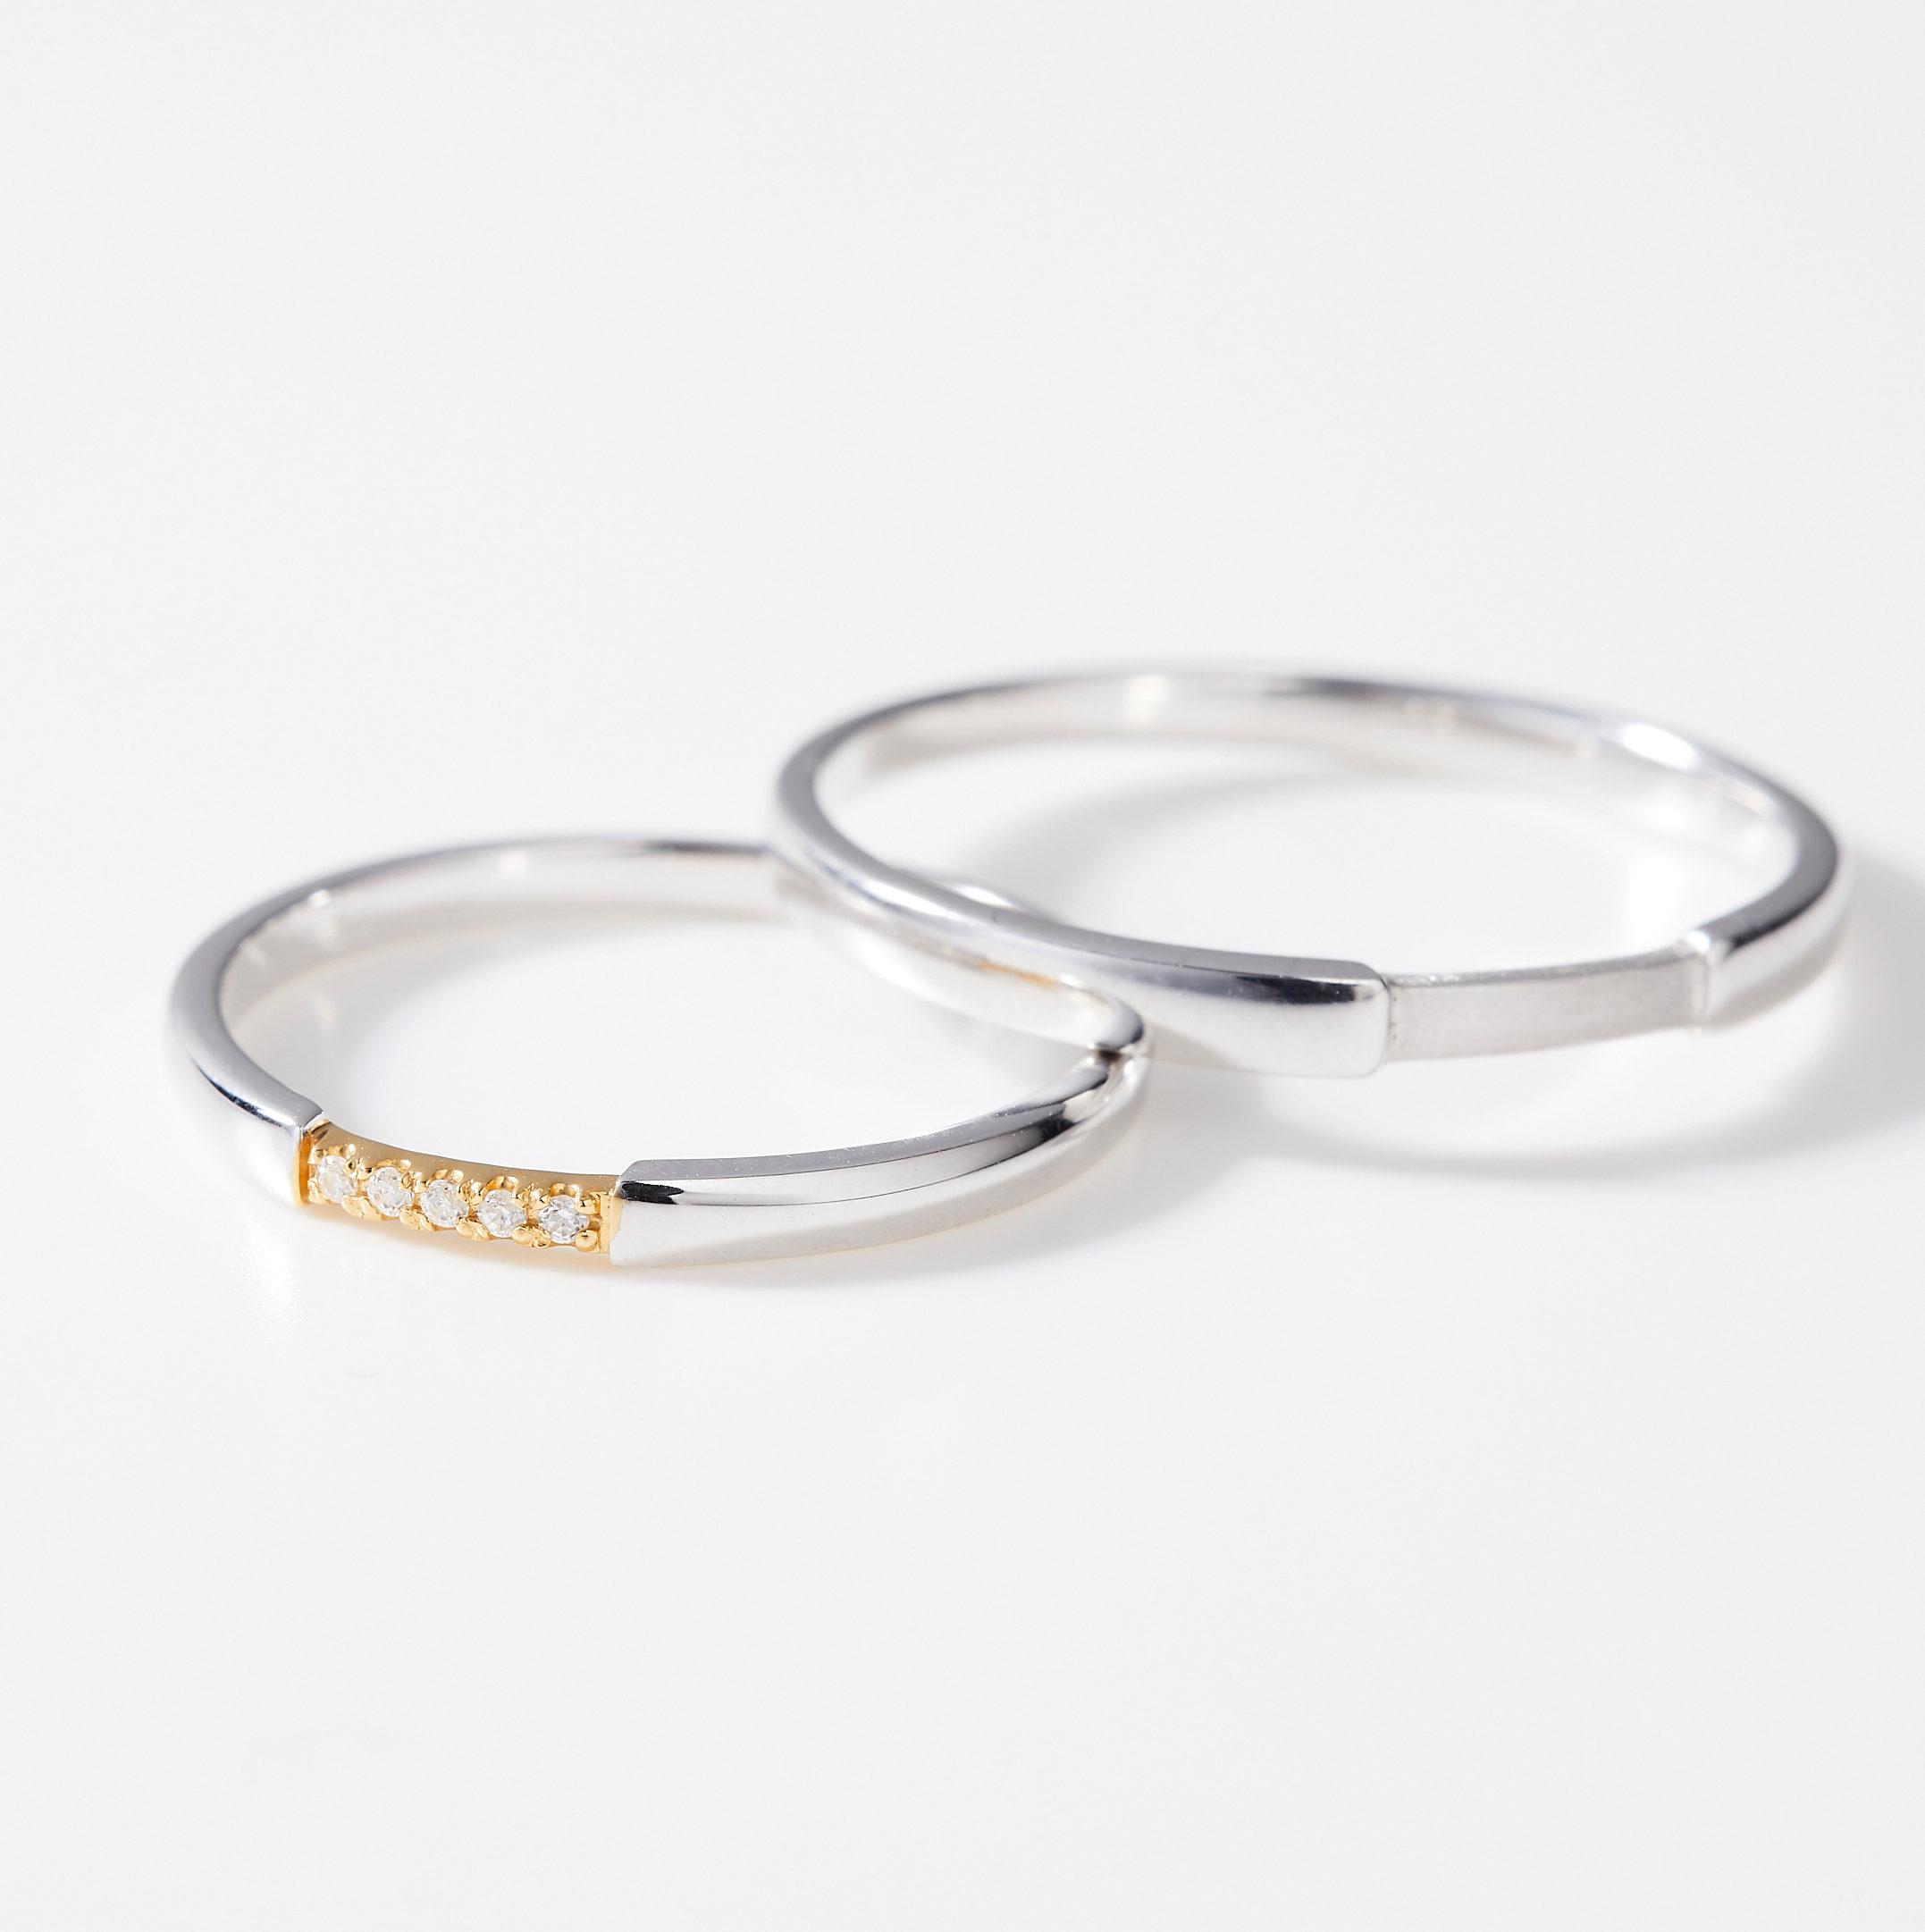 シンプル 結婚指輪のMJS-1・MJS-2